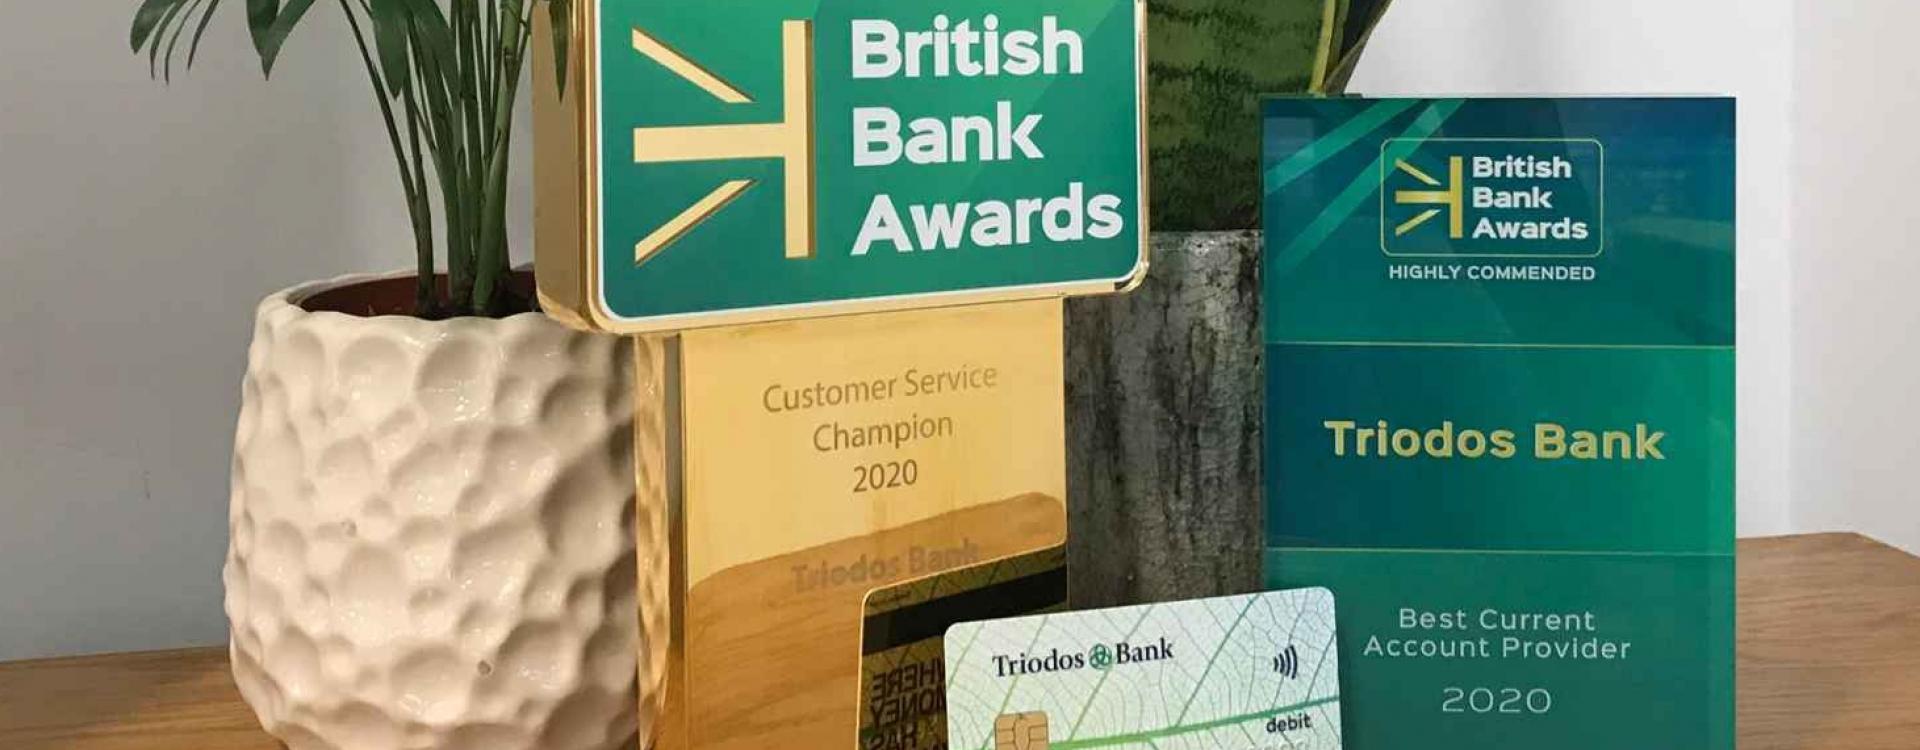 Brands triodos bank 05